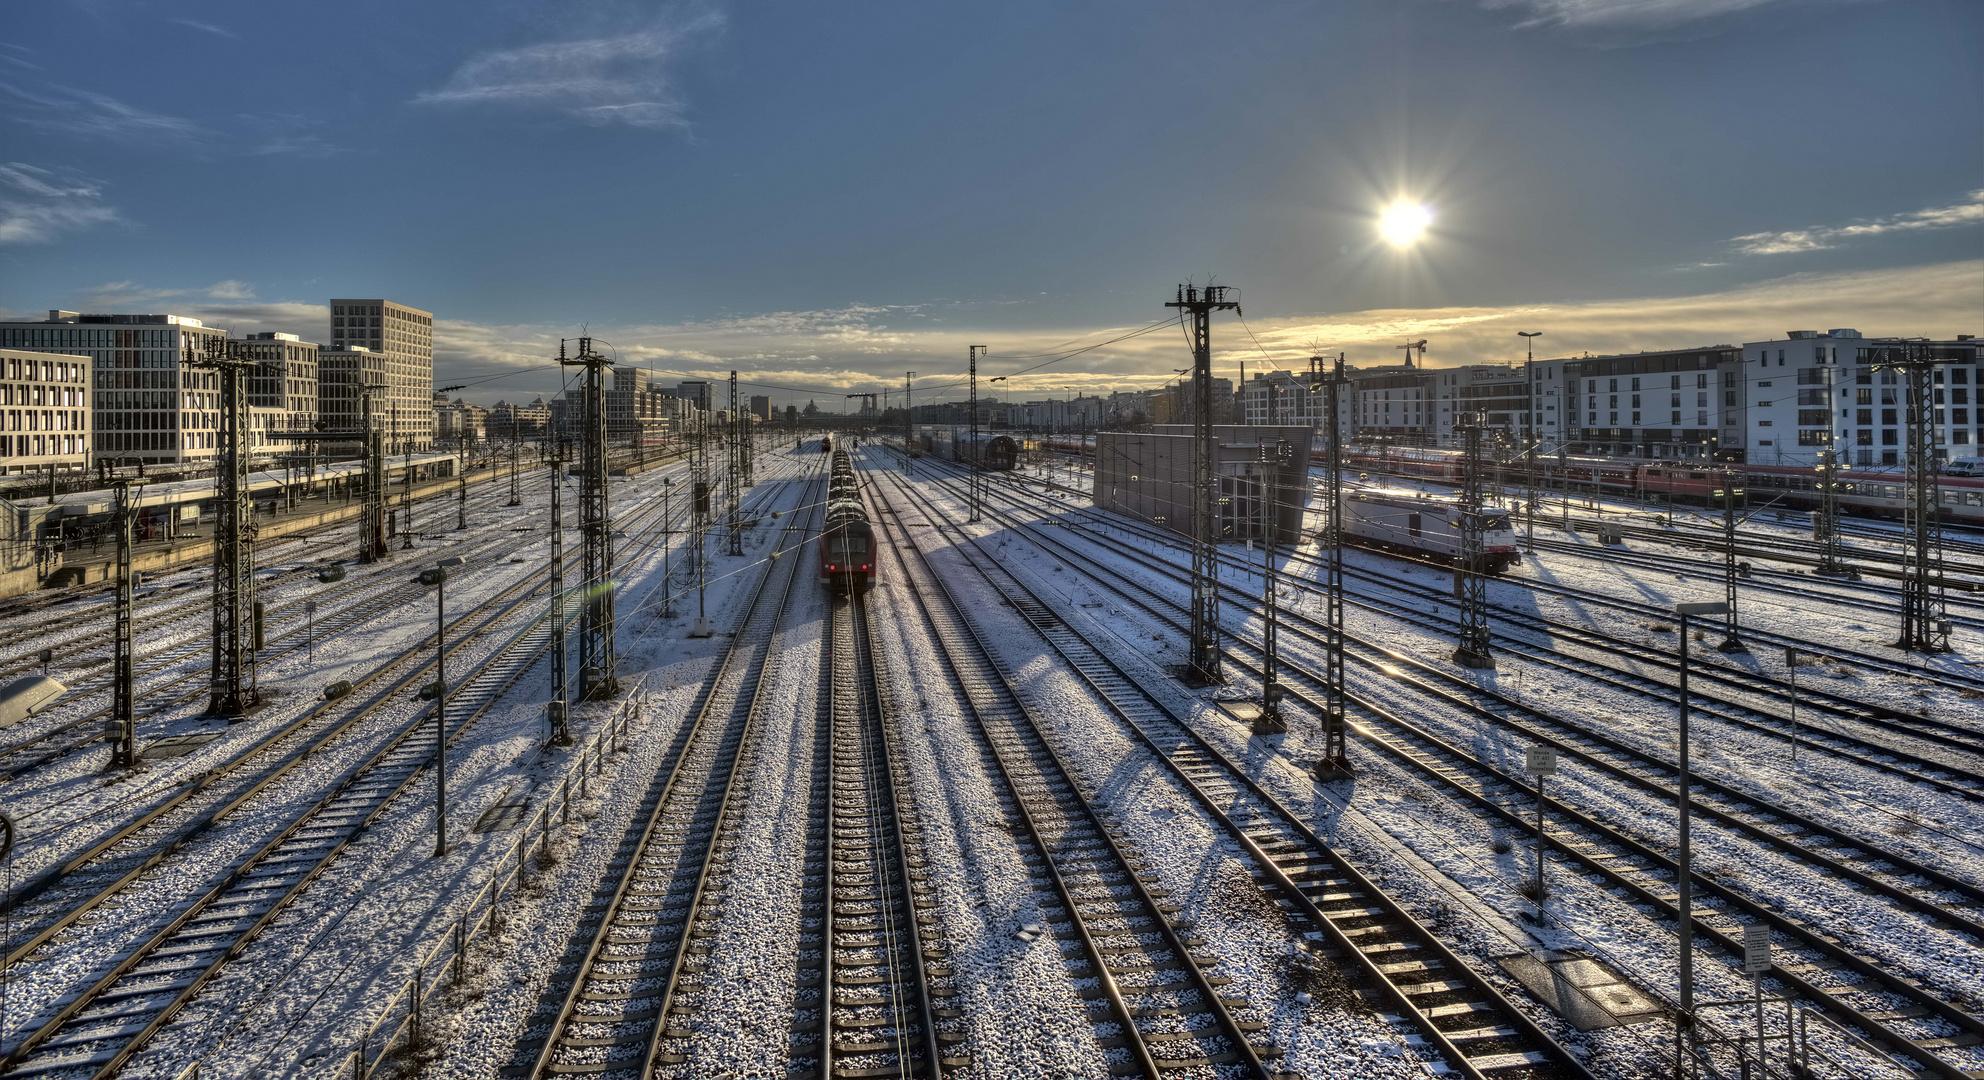 Bahngleise in München von der Donnersberger Brücke